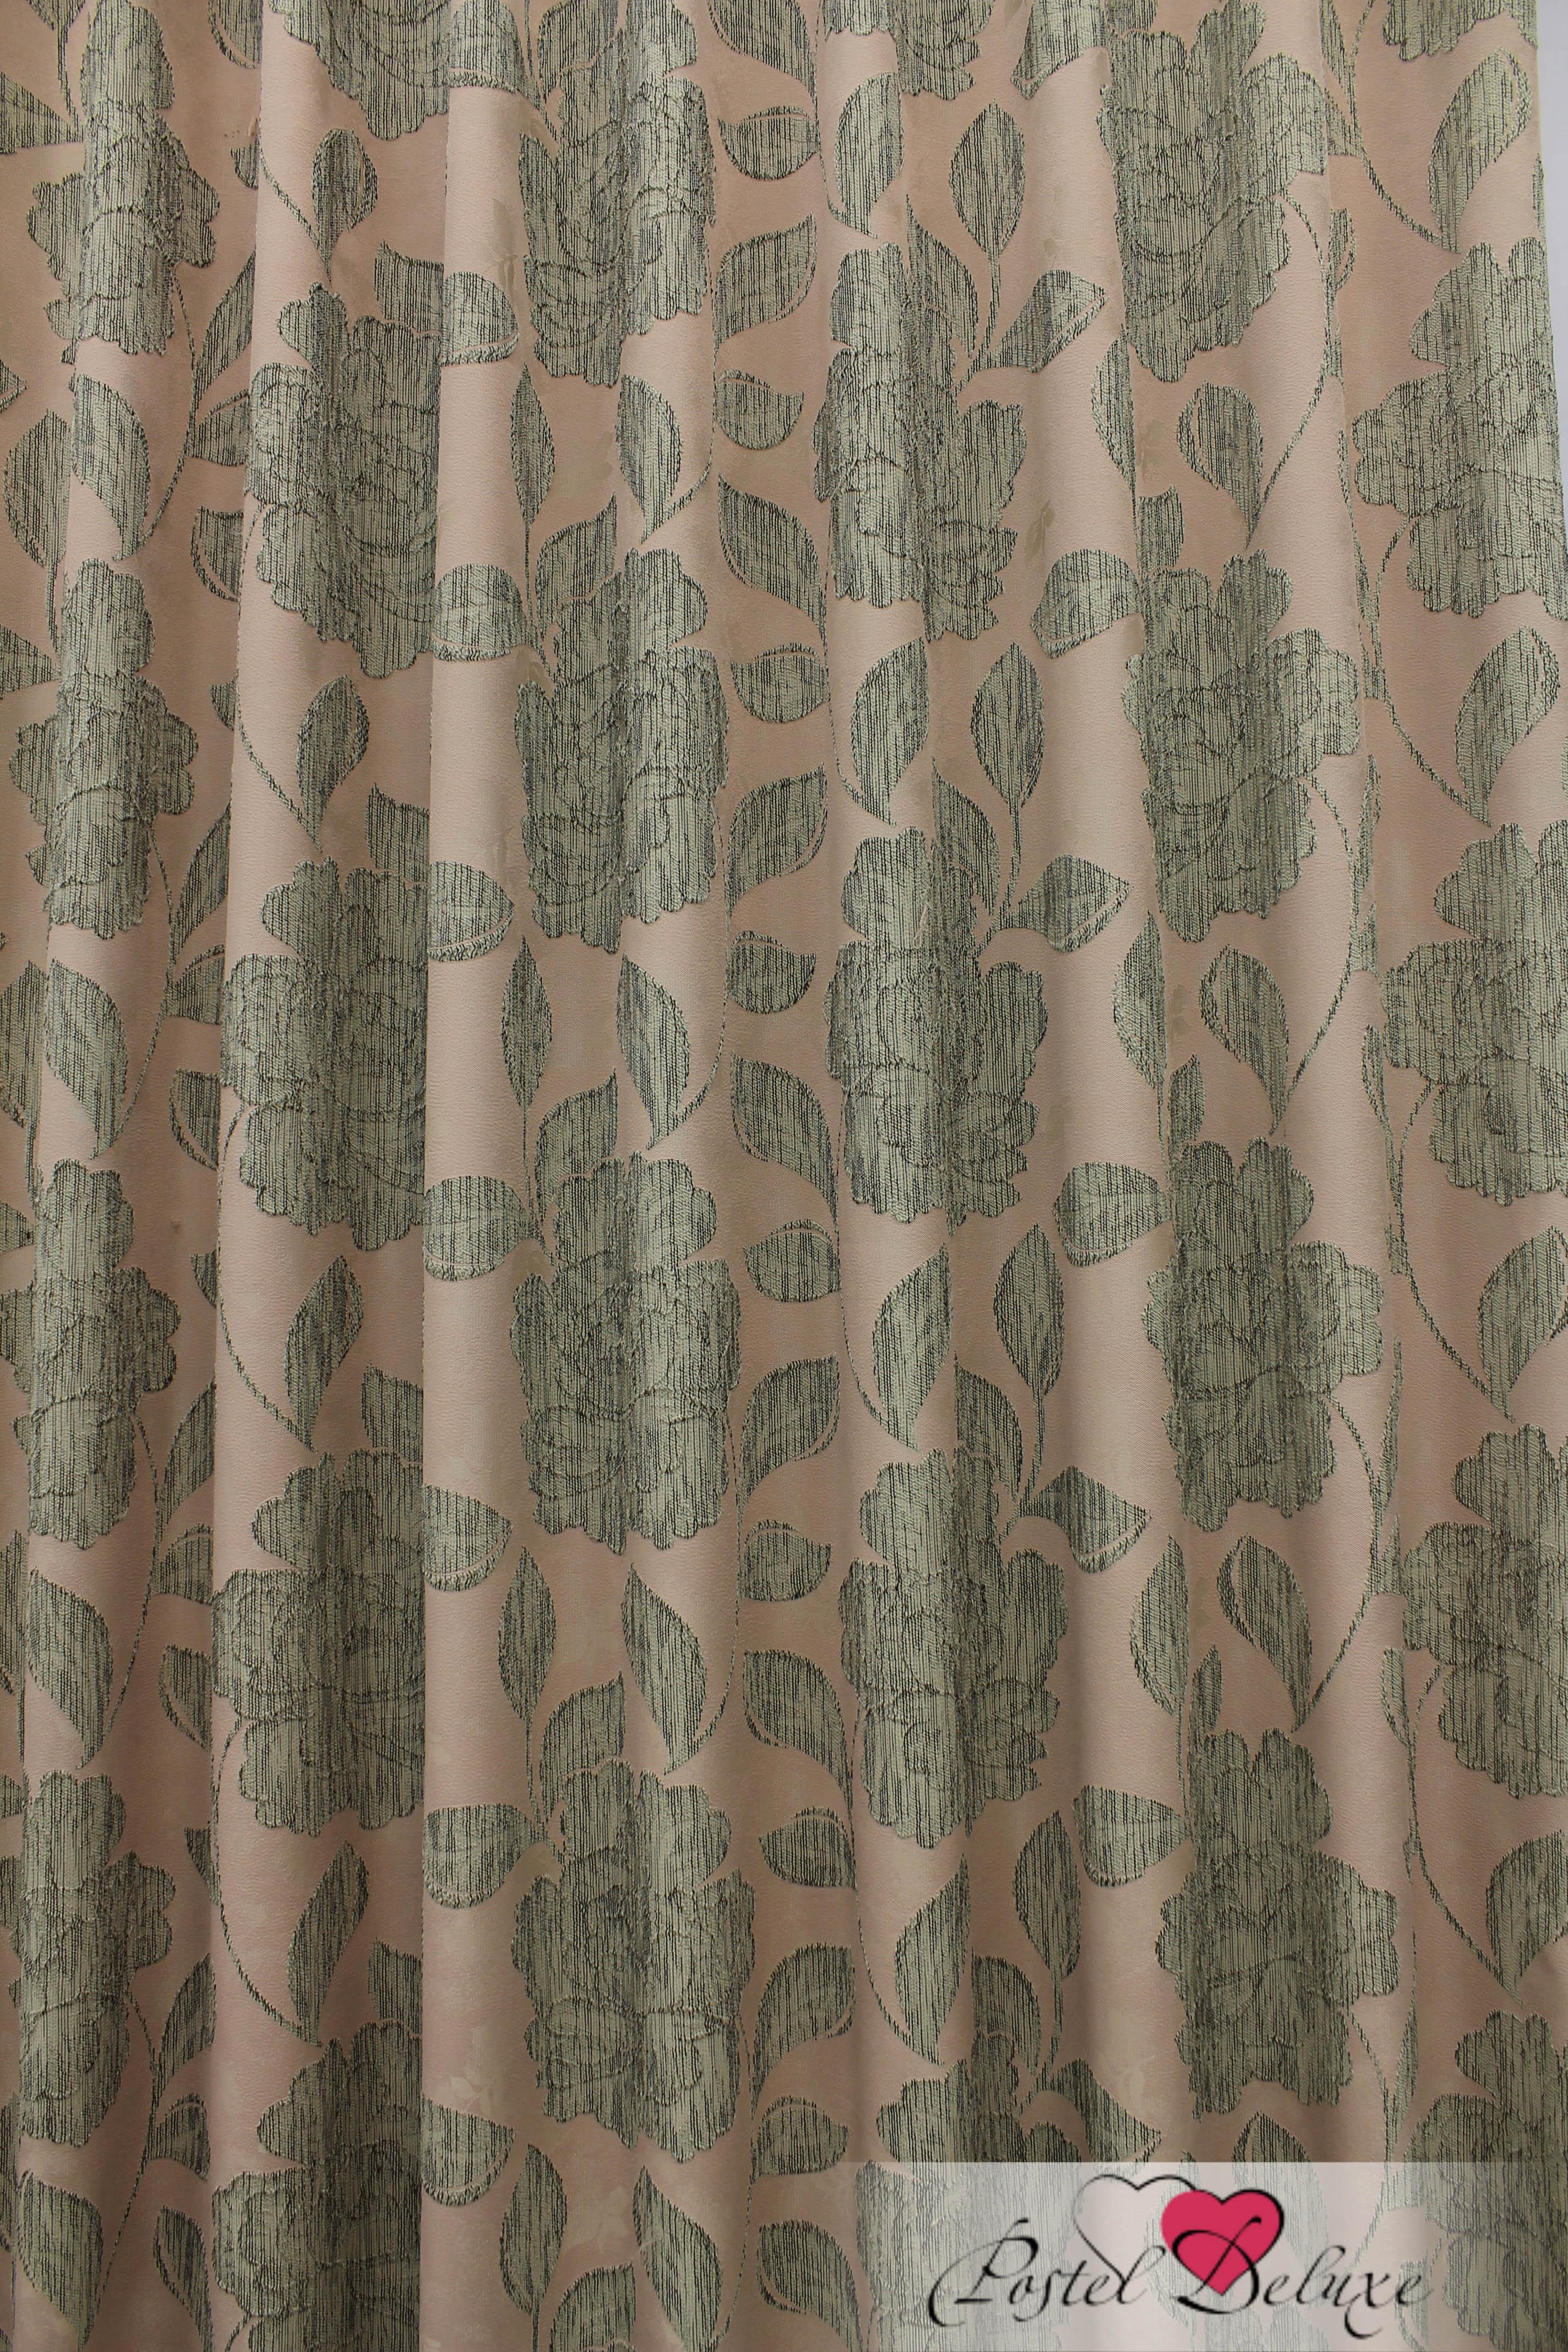 Шторы Sanpa Классические шторы Асанта Цвет: Бежево-Розовый шторы tac классические шторы winx цвет персиковый 200x265 см